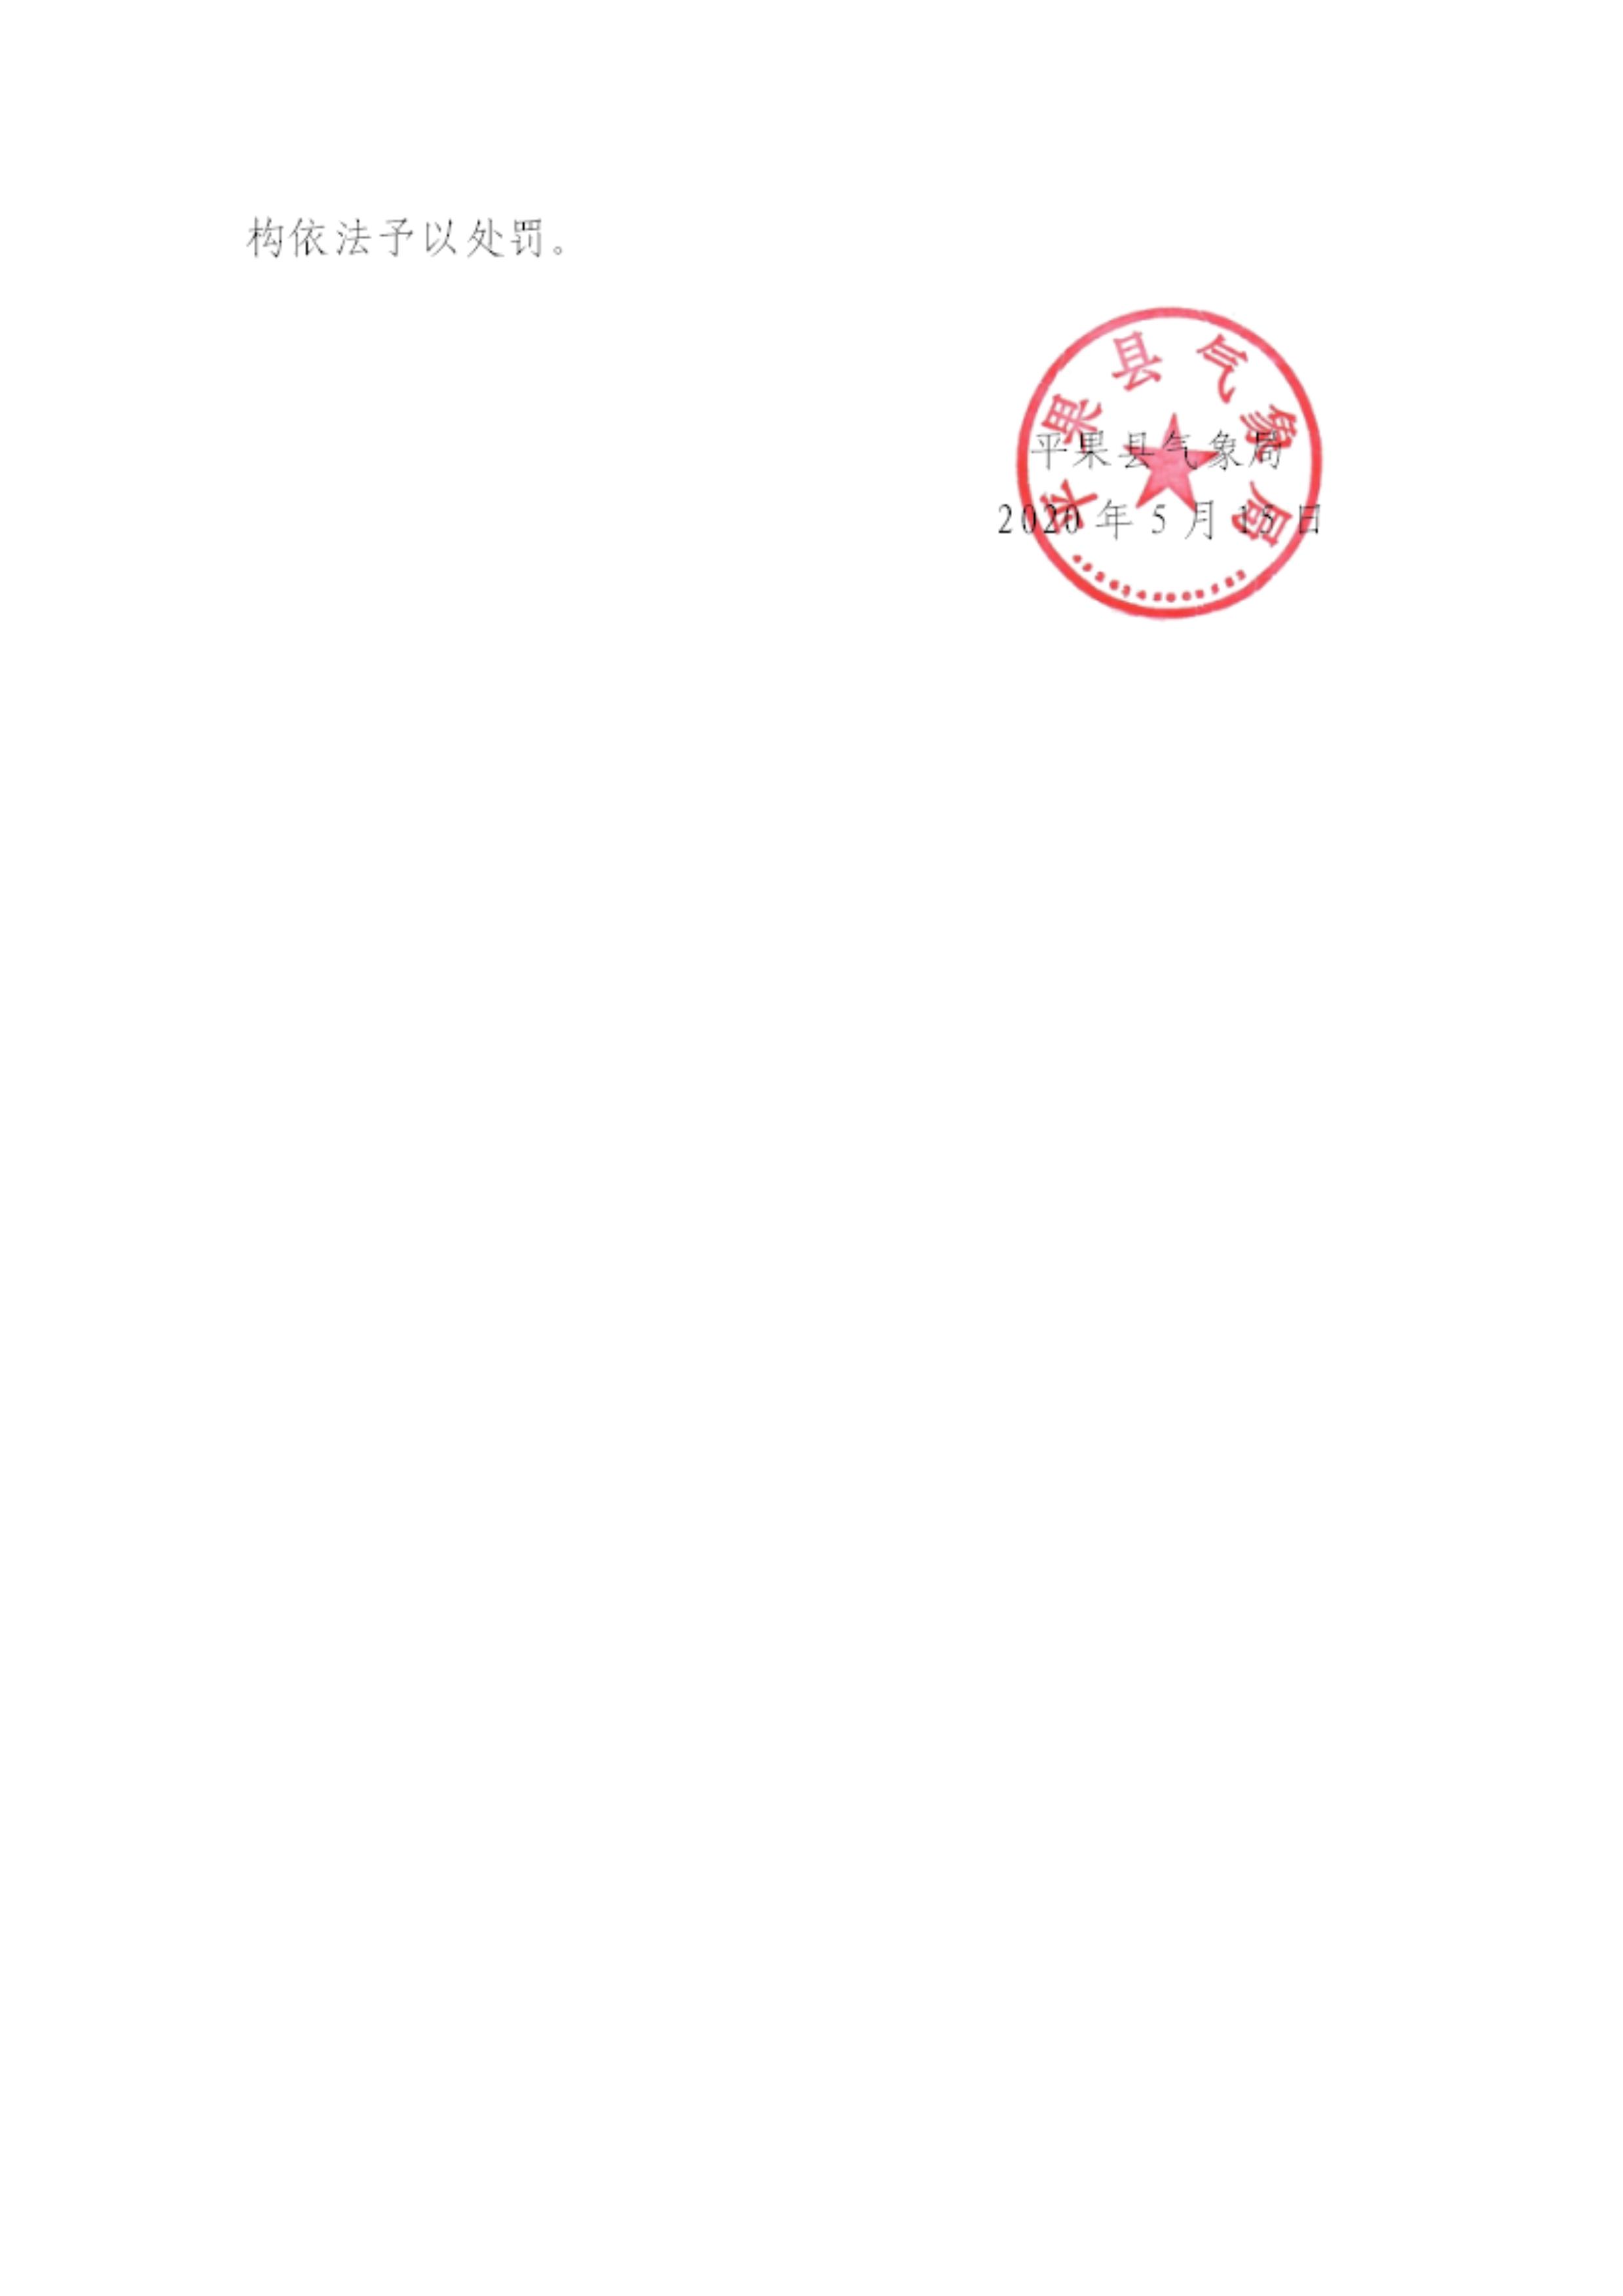 051710413710_0平果县气象局关于加强施放气球安全管理的公告2020年_2.Jpeg